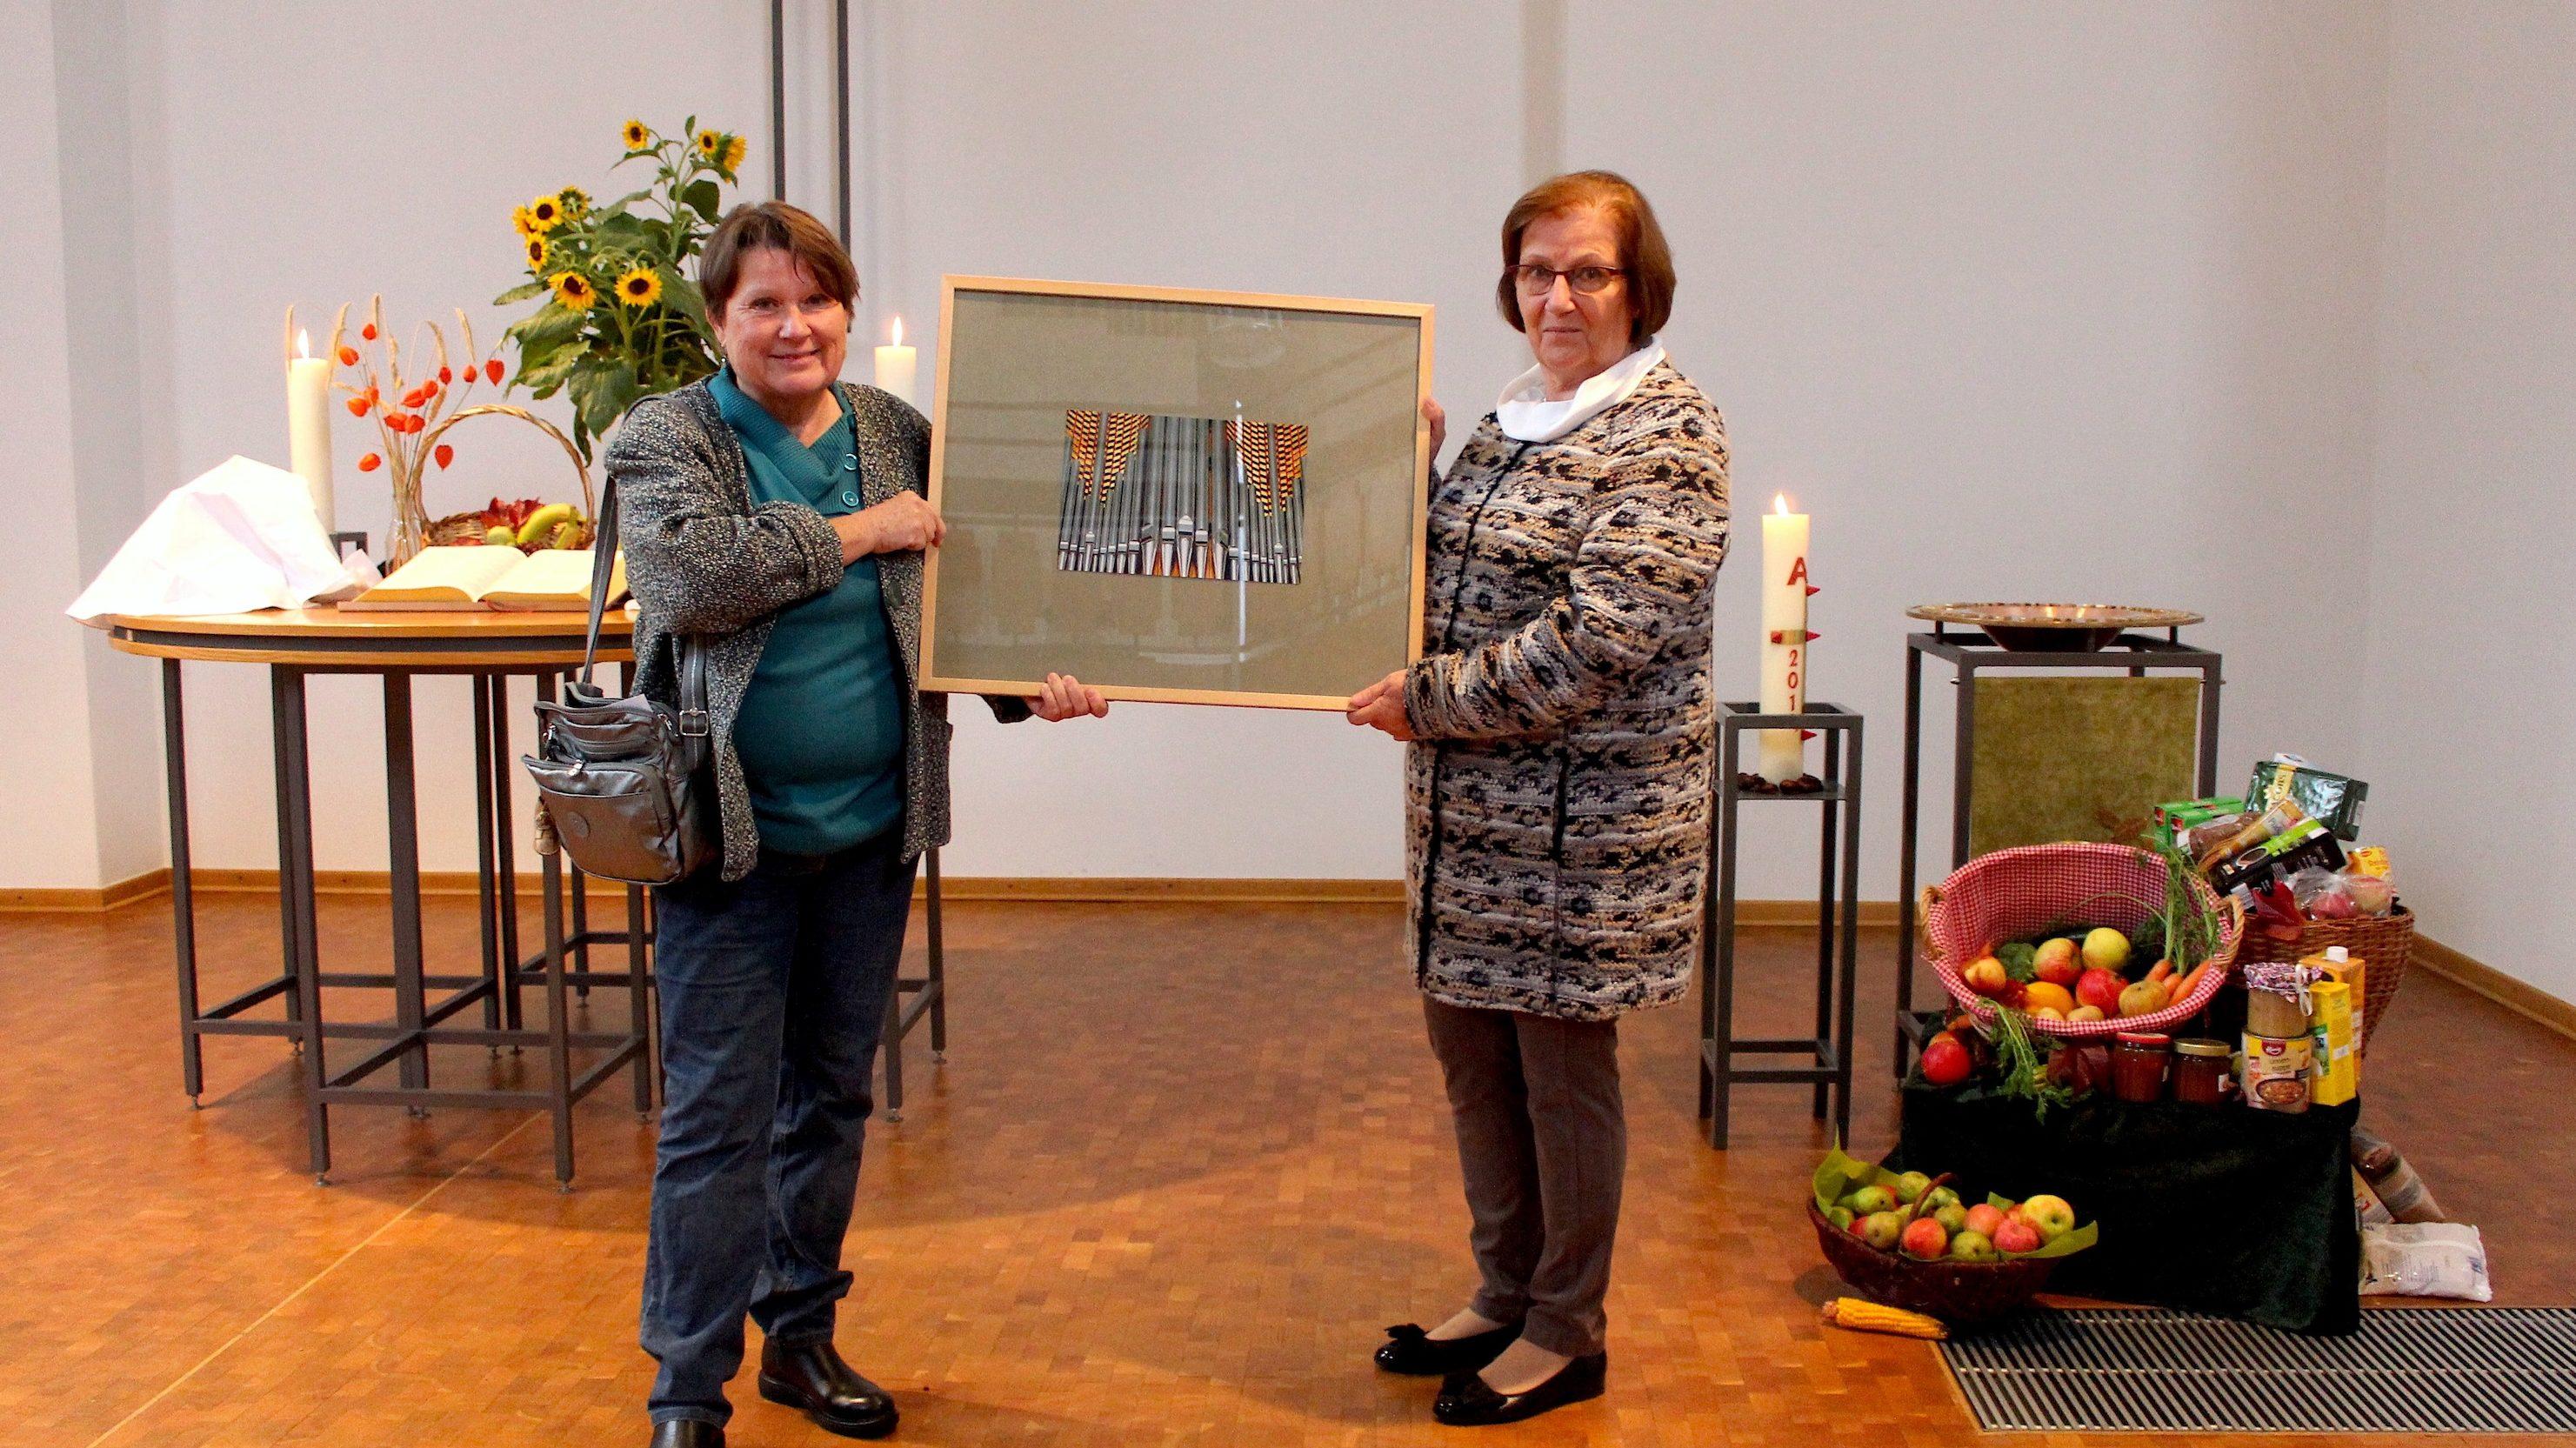 """Preisverleihung für die """"Königin"""" – Orgelfotos in der """"Offenen Friedenskirche"""" ausgestellt"""